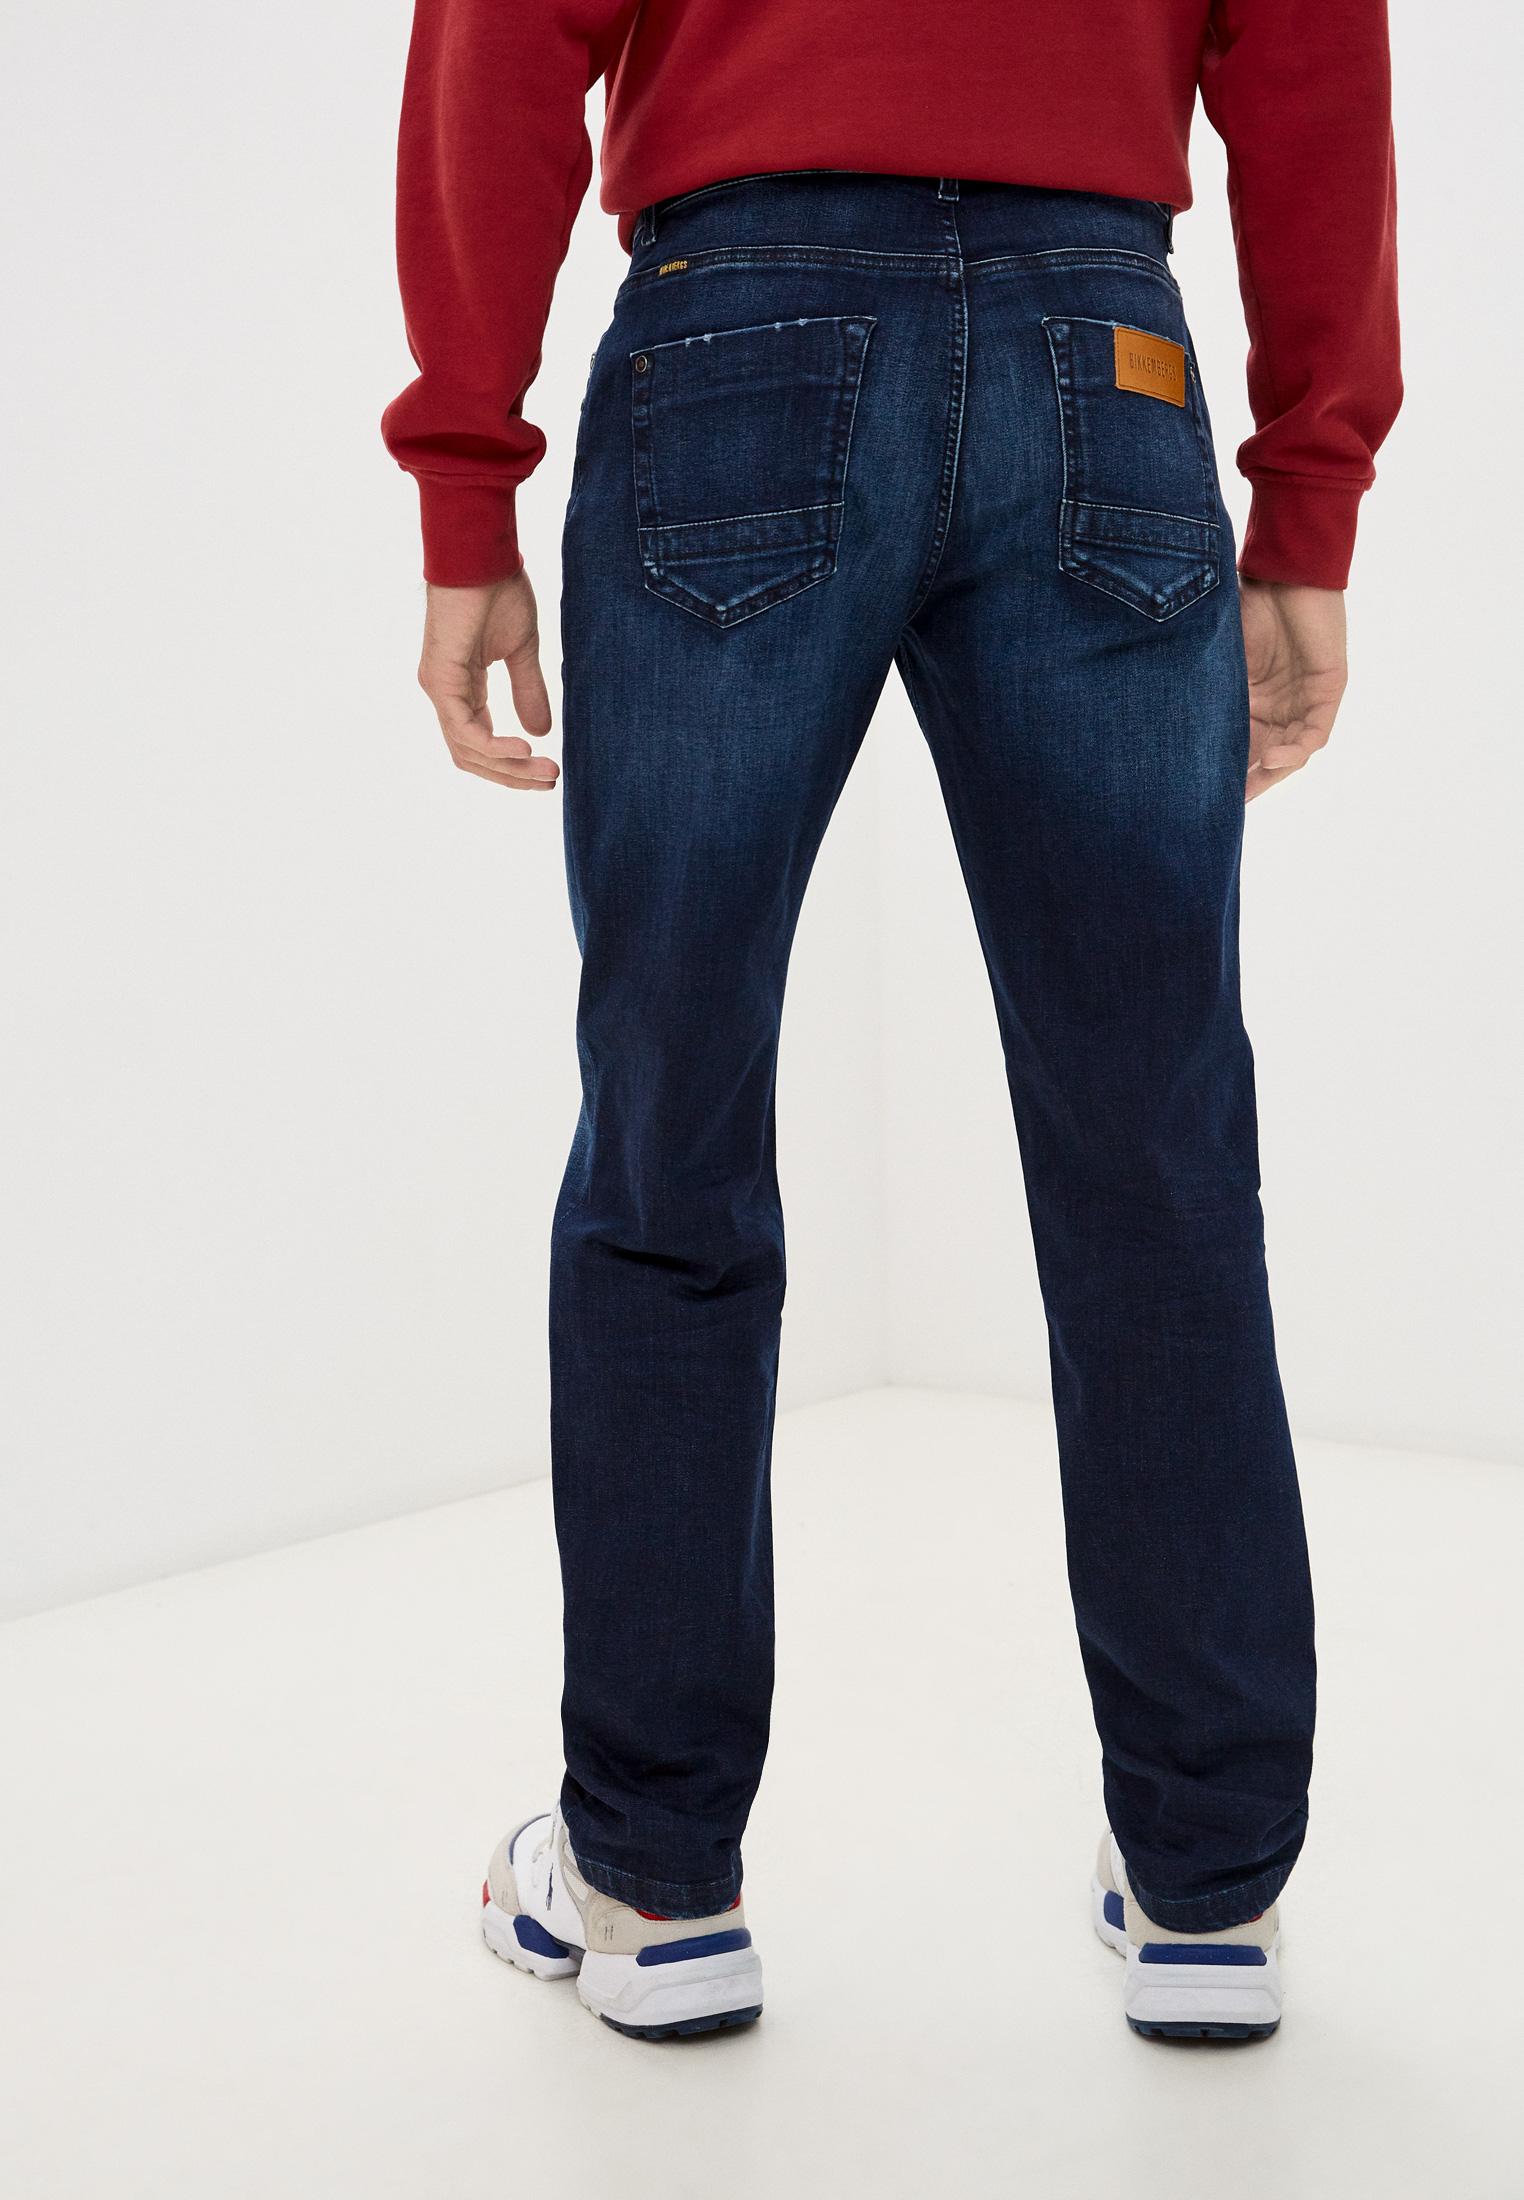 Мужские прямые джинсы Bikkembergs C Q 112 01 S 3511: изображение 9